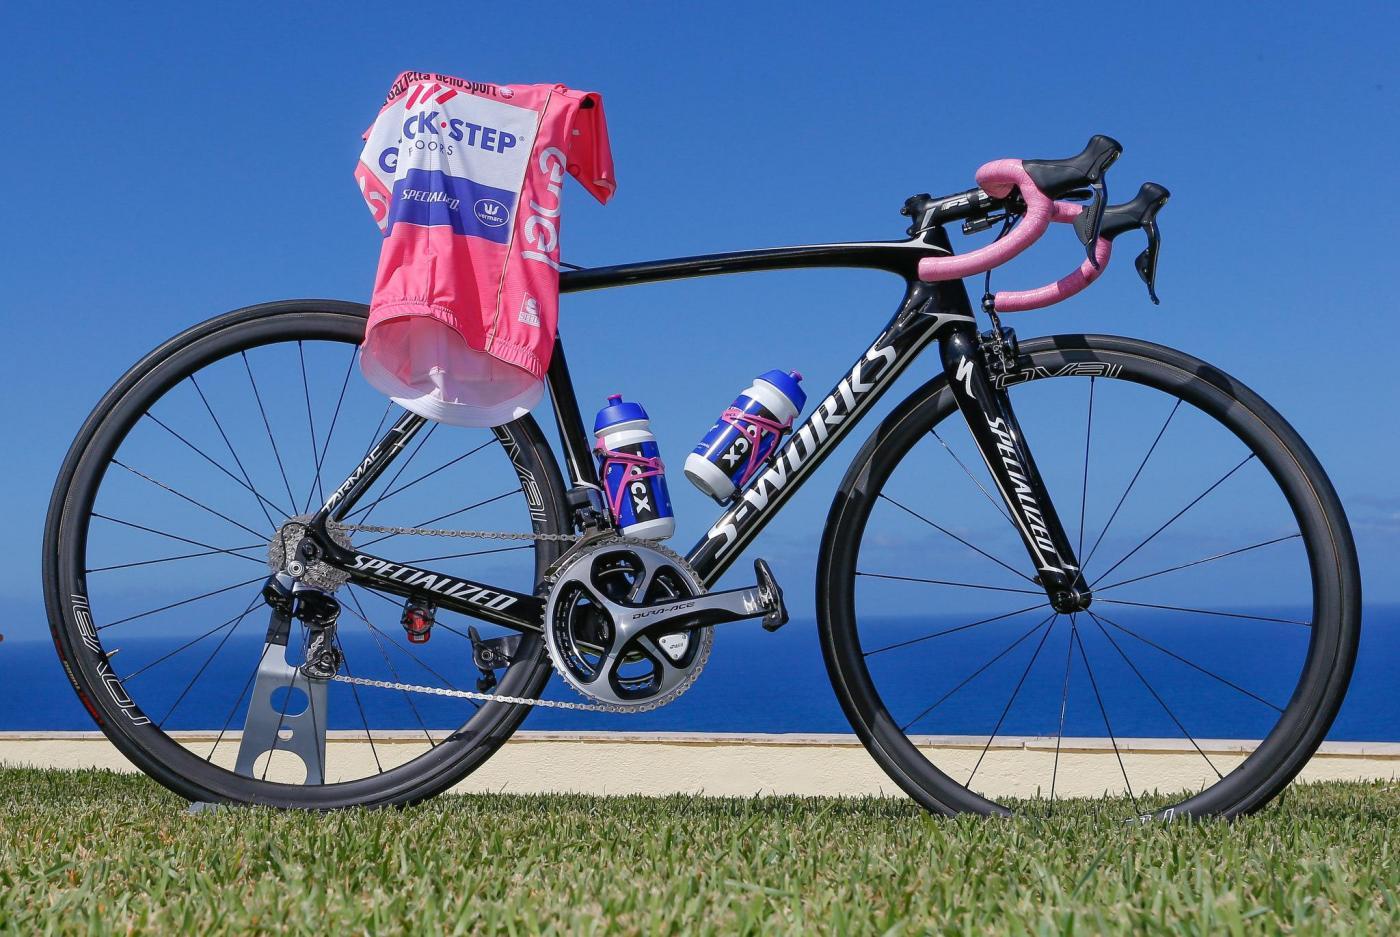 Giro d'Italia 2017 maglia rosa 100a edizione